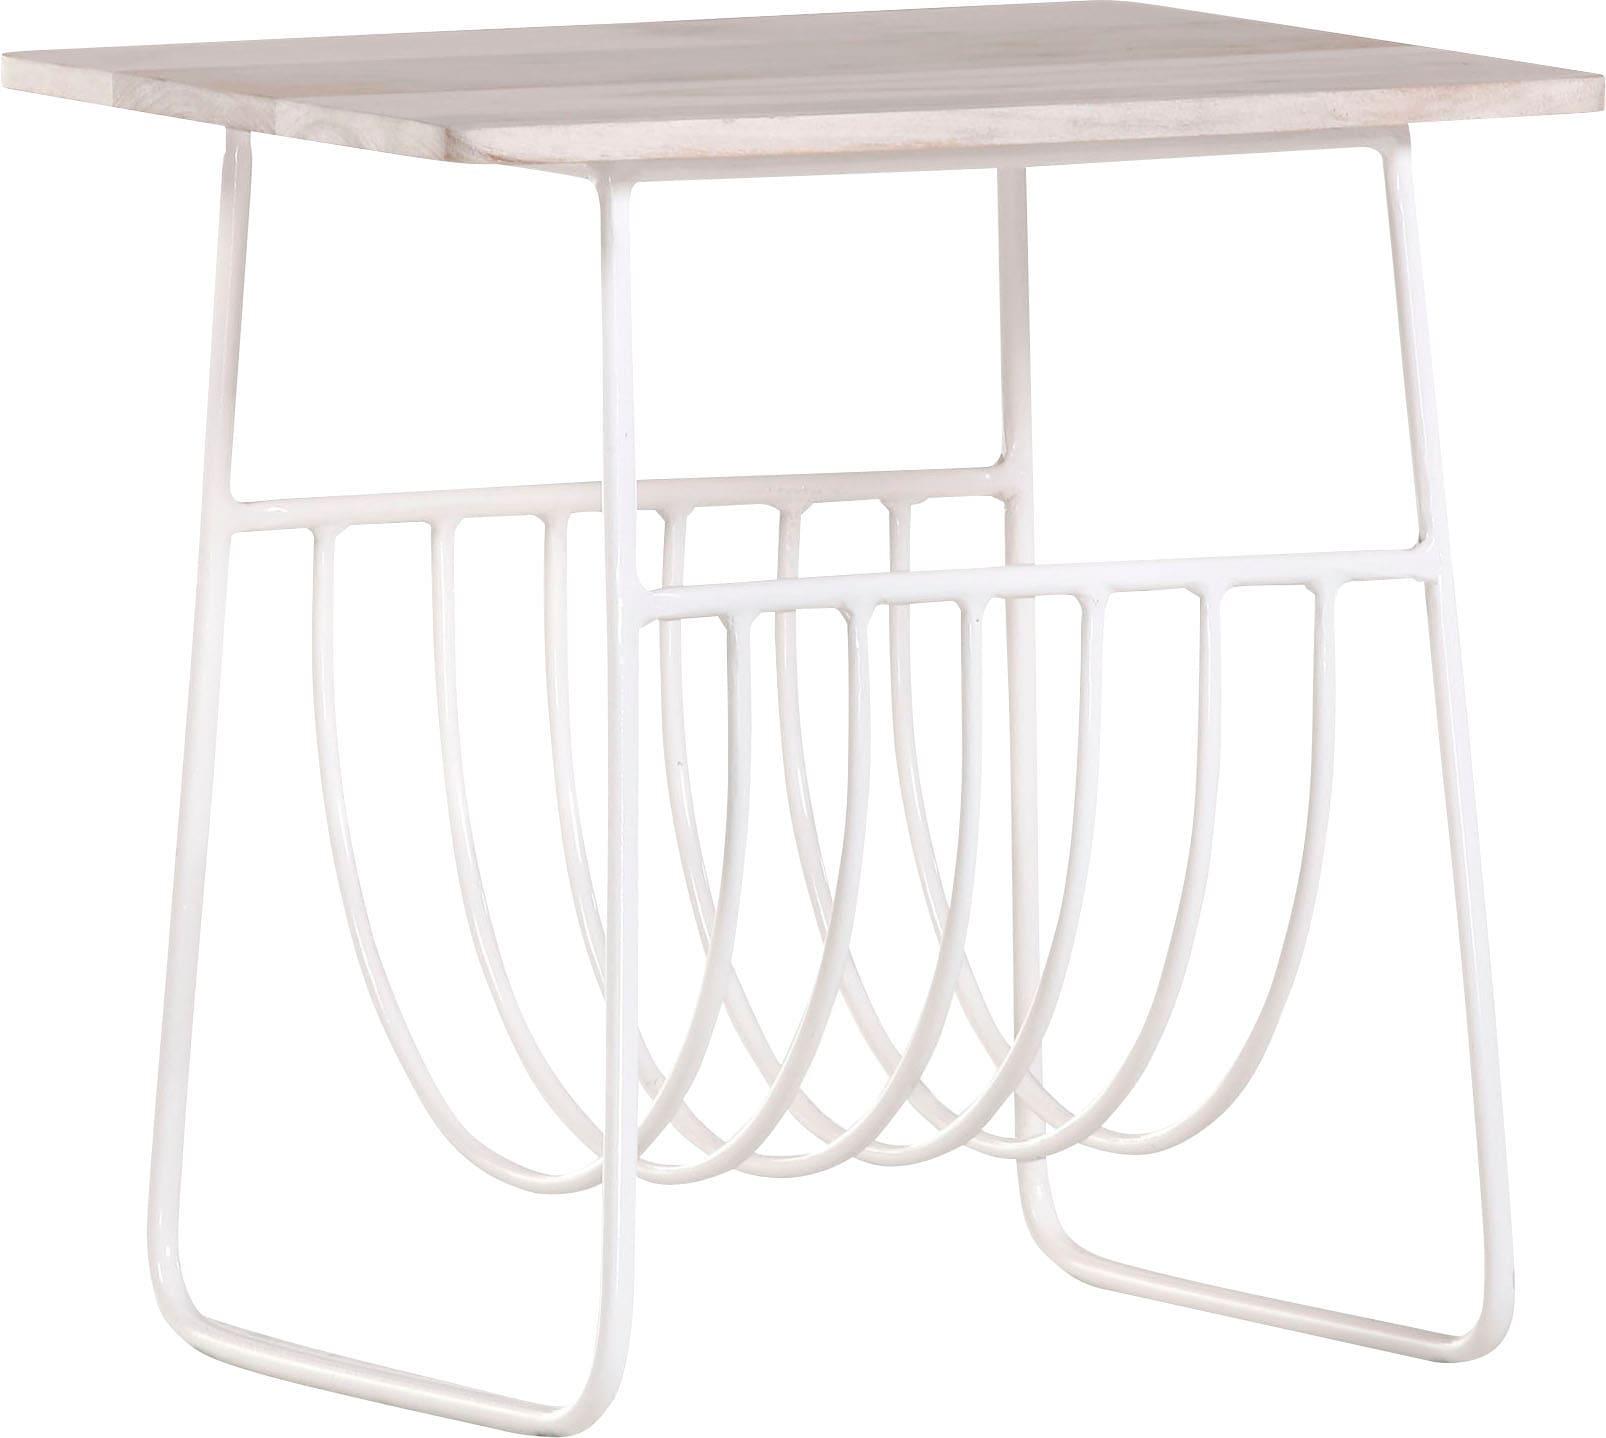 Gutmann Factory Beistelltisch Ivory weiß Beistelltische Tische